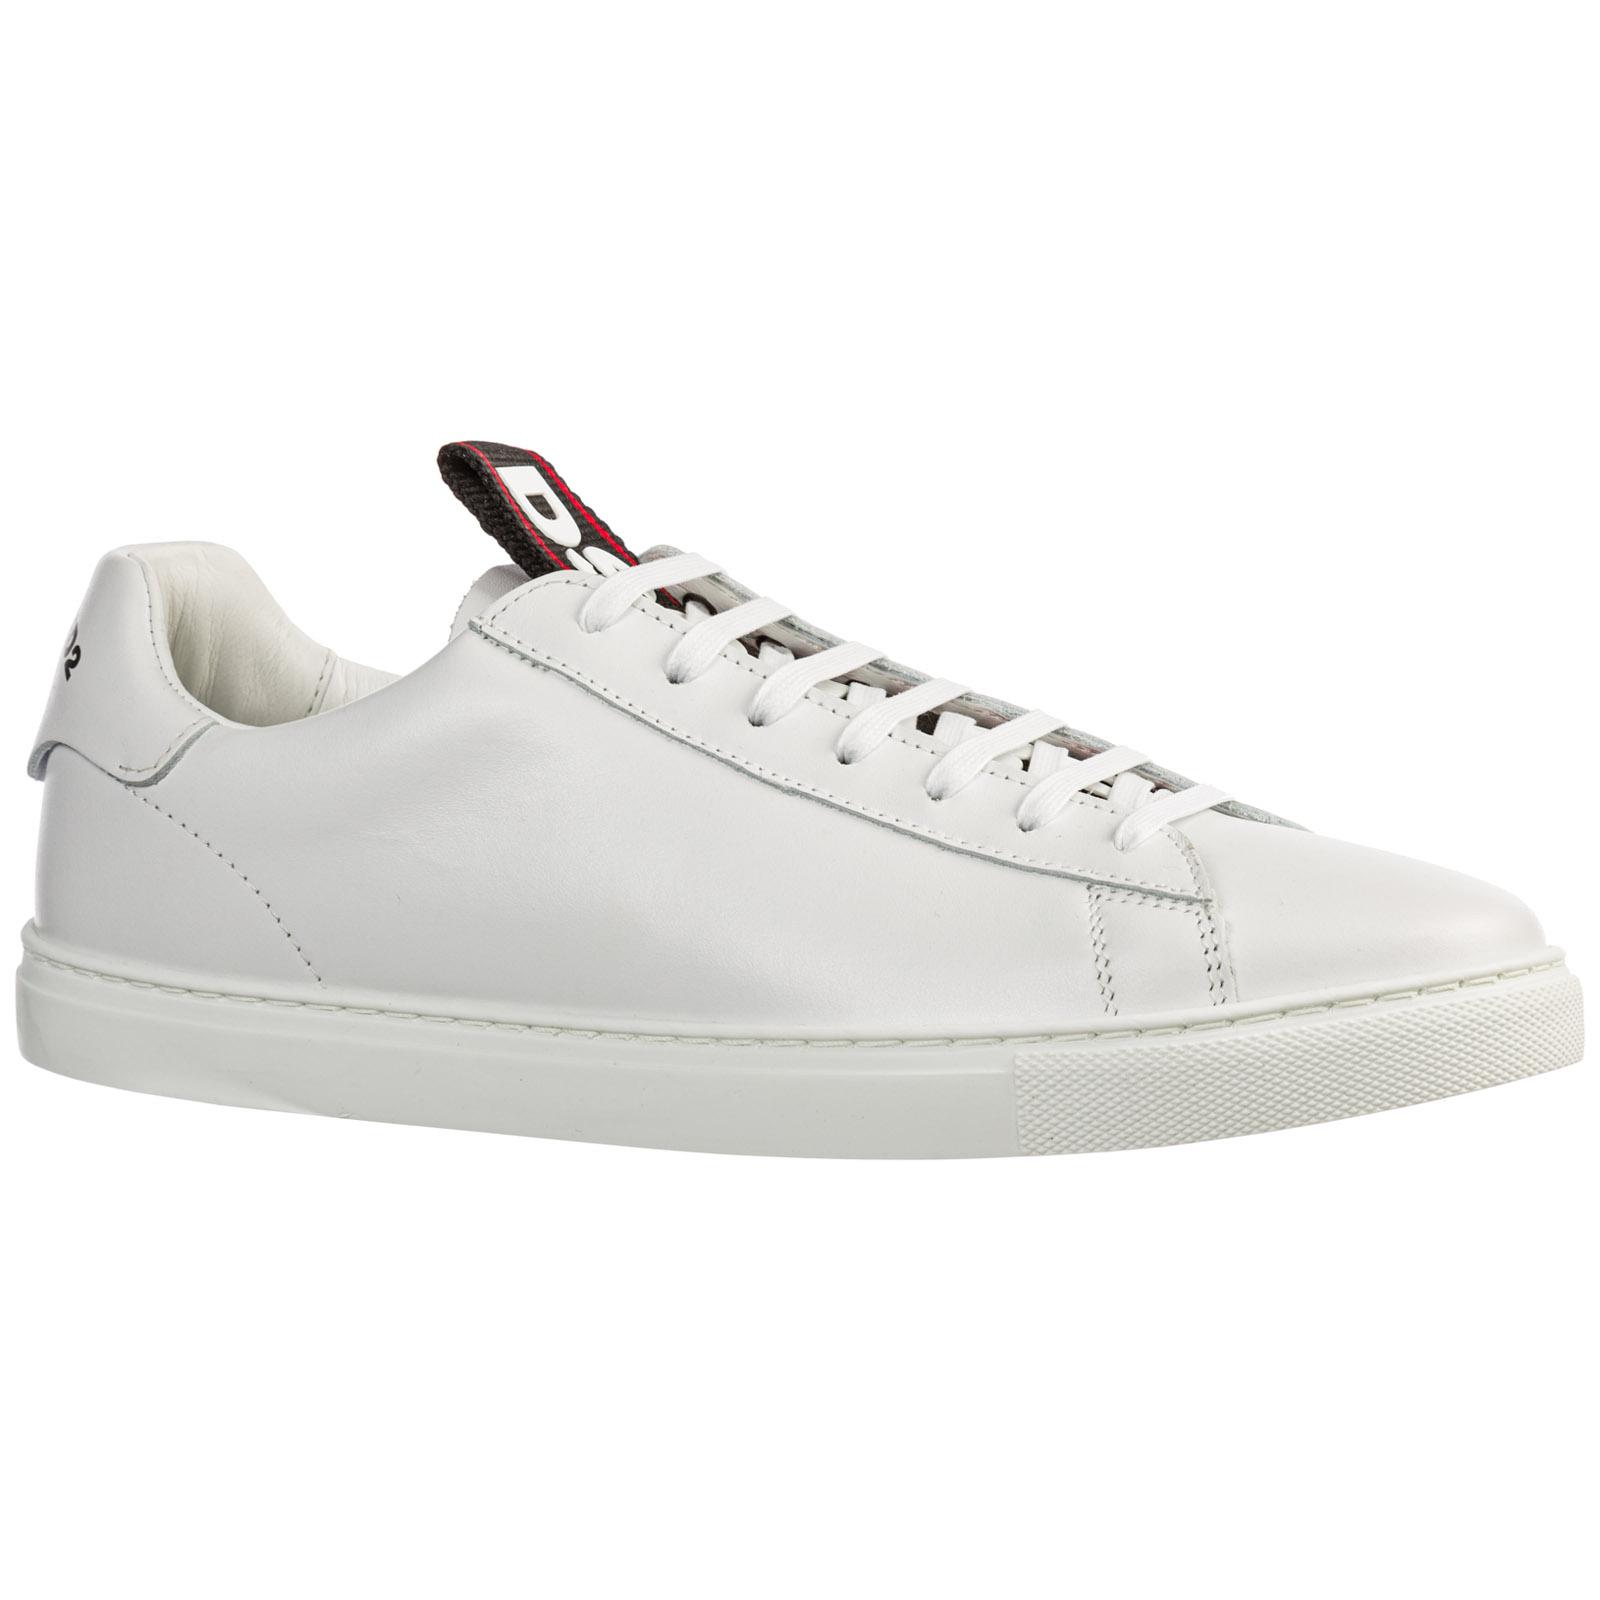 Leder Herrenschuhe Herren Schuhe Evolution Sneakers Tape JcFTlK13